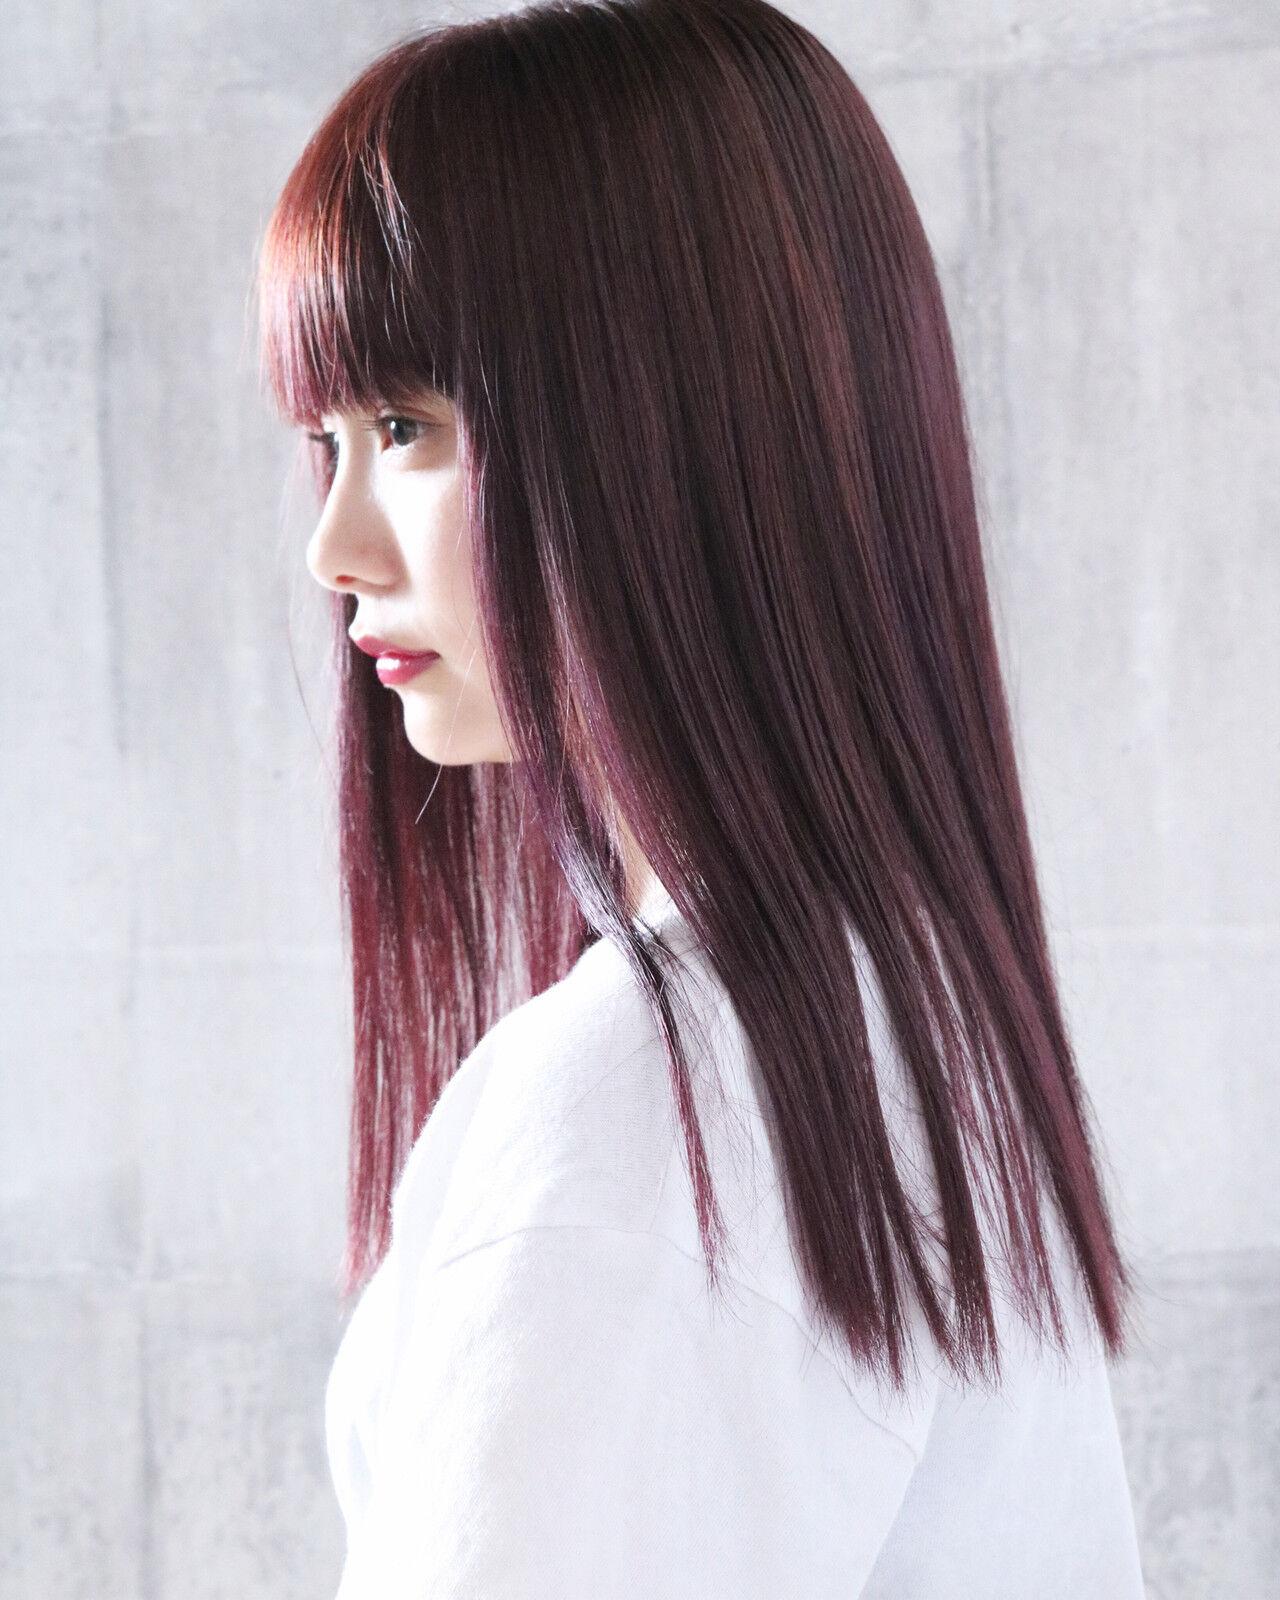 ミルクティーベージュ ピンクベージュ ピンクラベンダー ピンクアッシュヘアスタイルや髪型の写真・画像